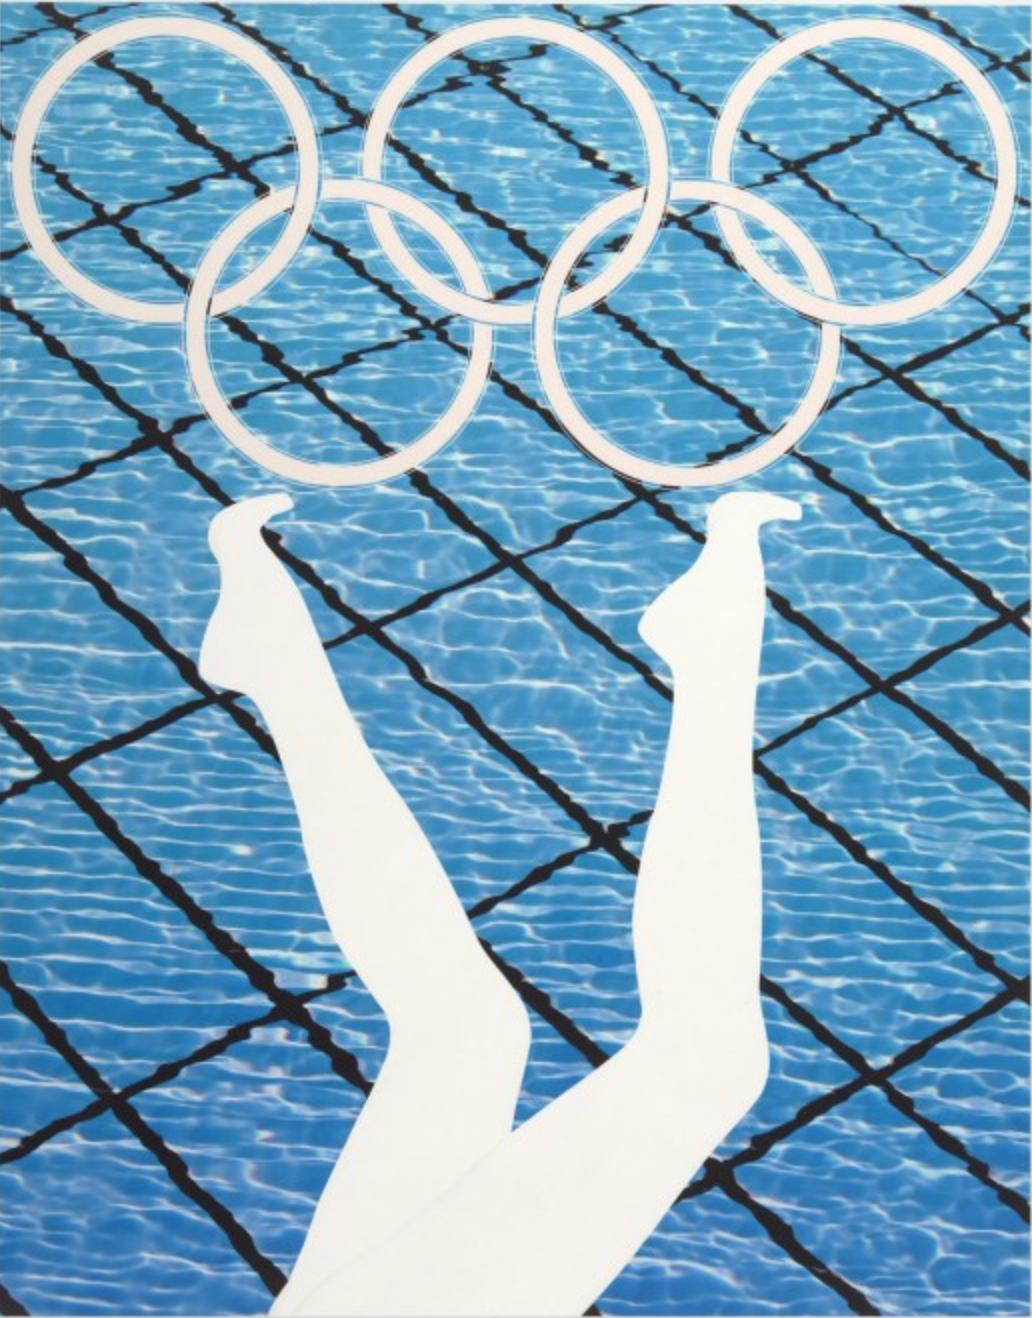 ANTHEA HAMILTON - Olympics - 2012